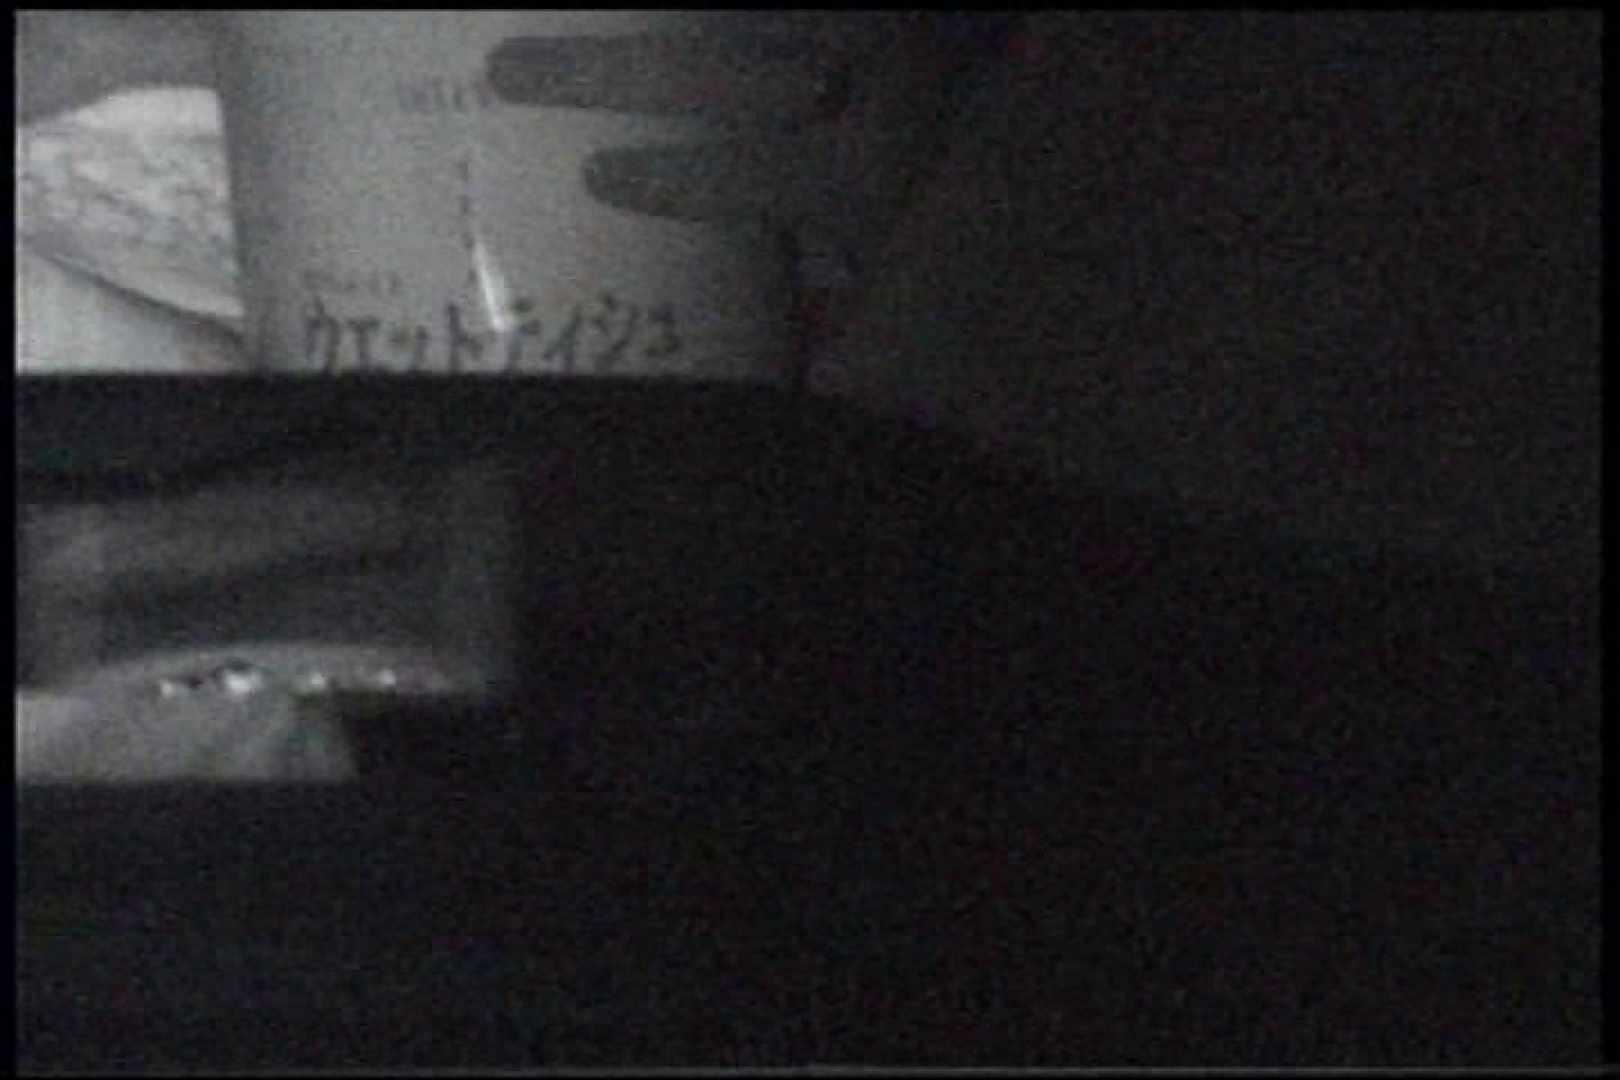 充血監督の深夜の運動会Vol.238 OLの実態   プライベート  90pic 73